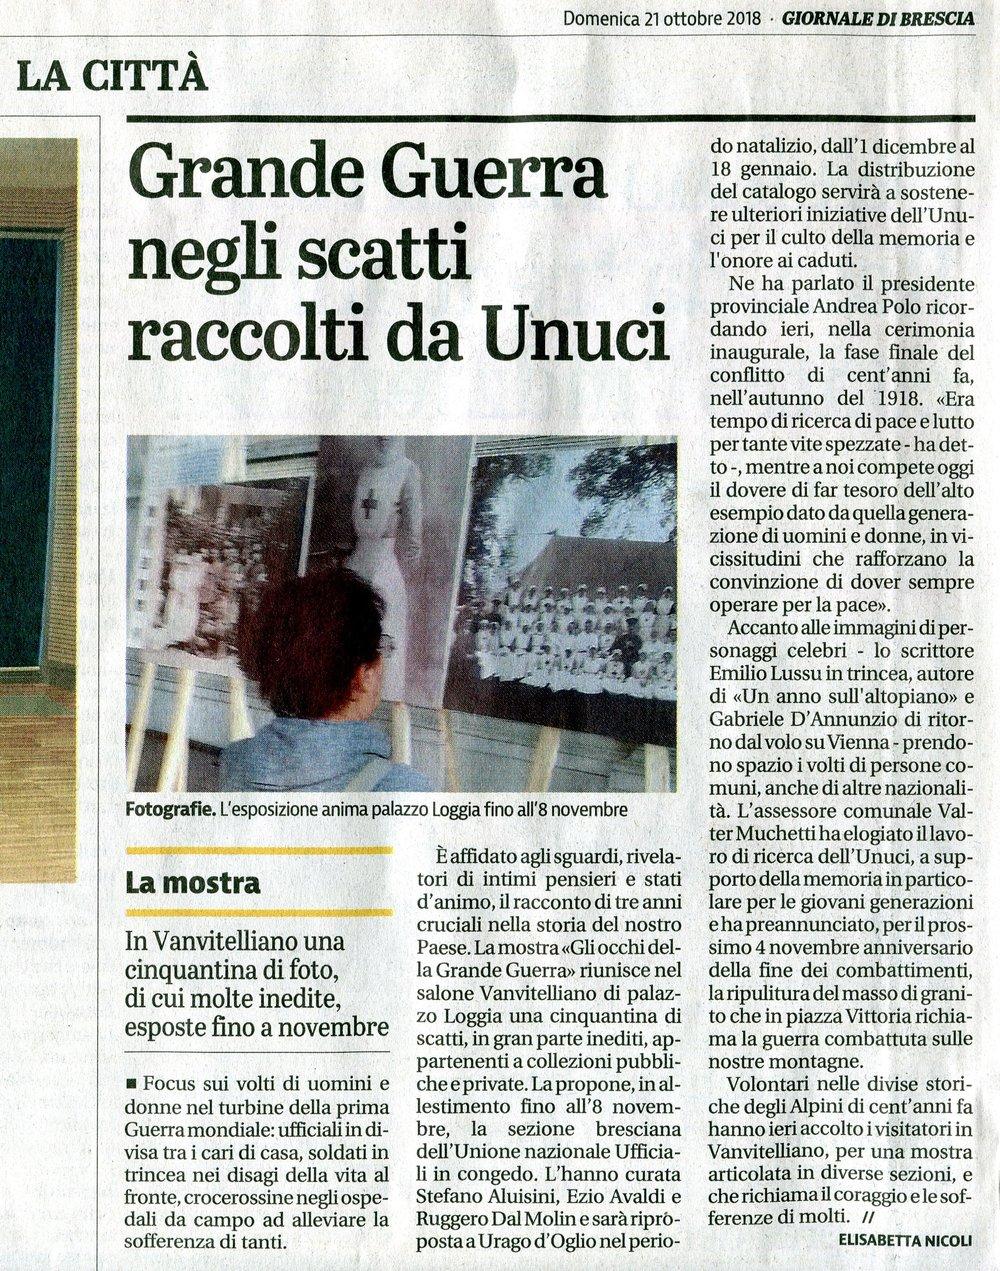 articolo giornale di brescia mostra 21 ottobre 2018.jpg